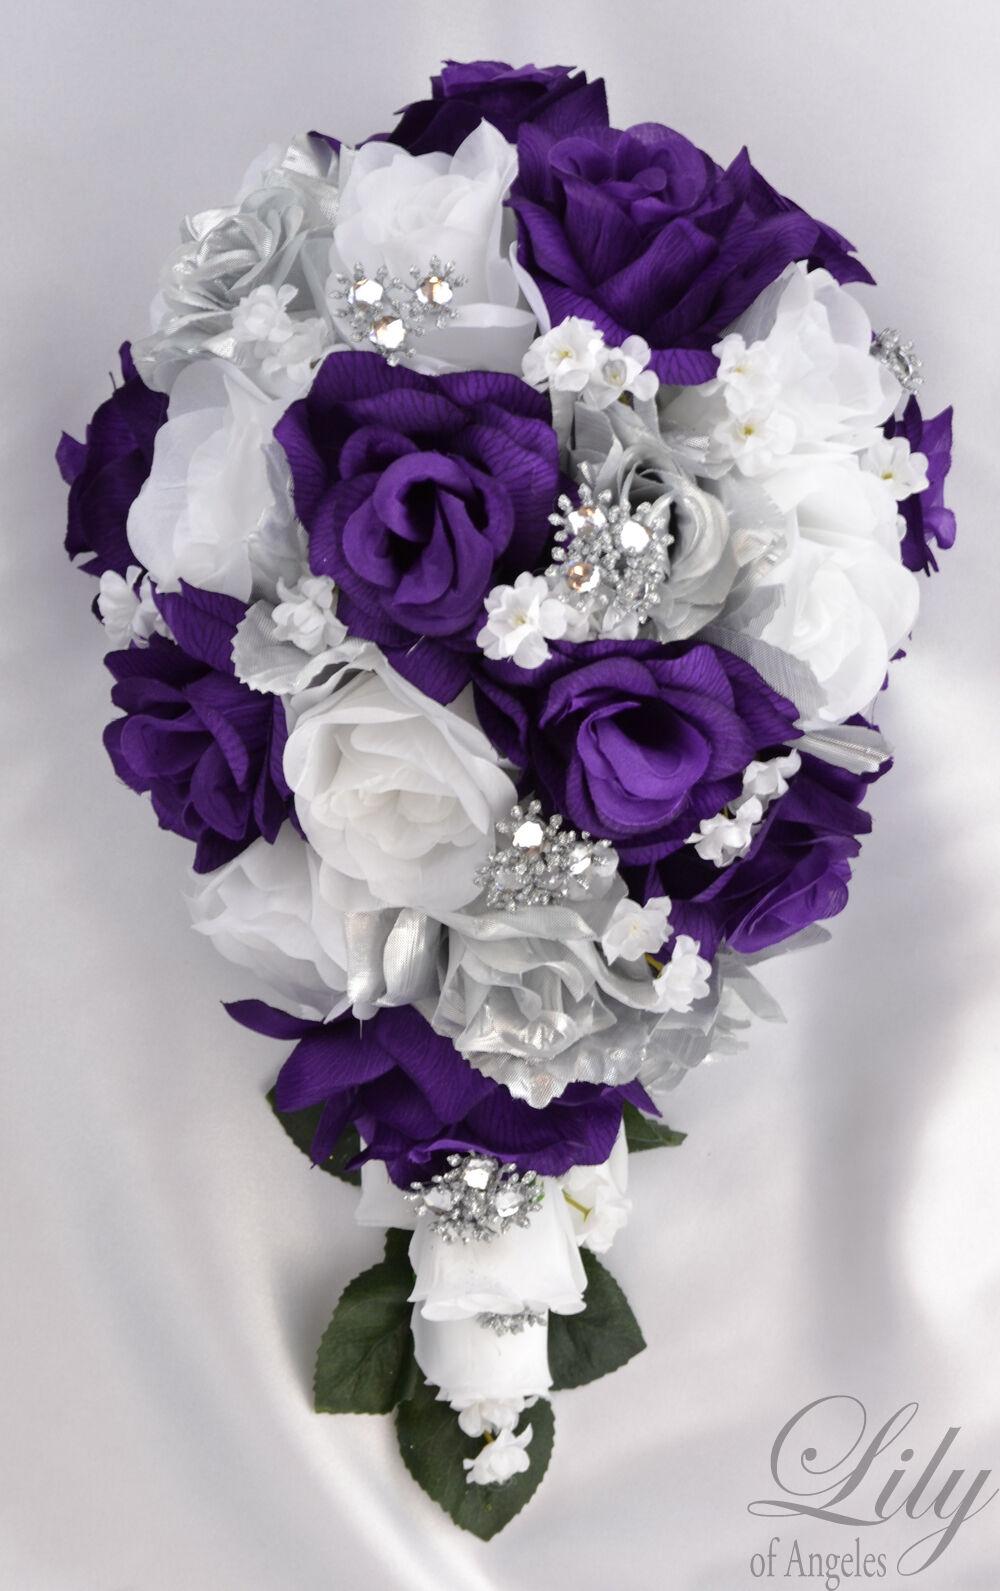 17 Pièce Paquet Soie Fleur Mariage Mariée Cascade bouquets Violet Argent Blanc